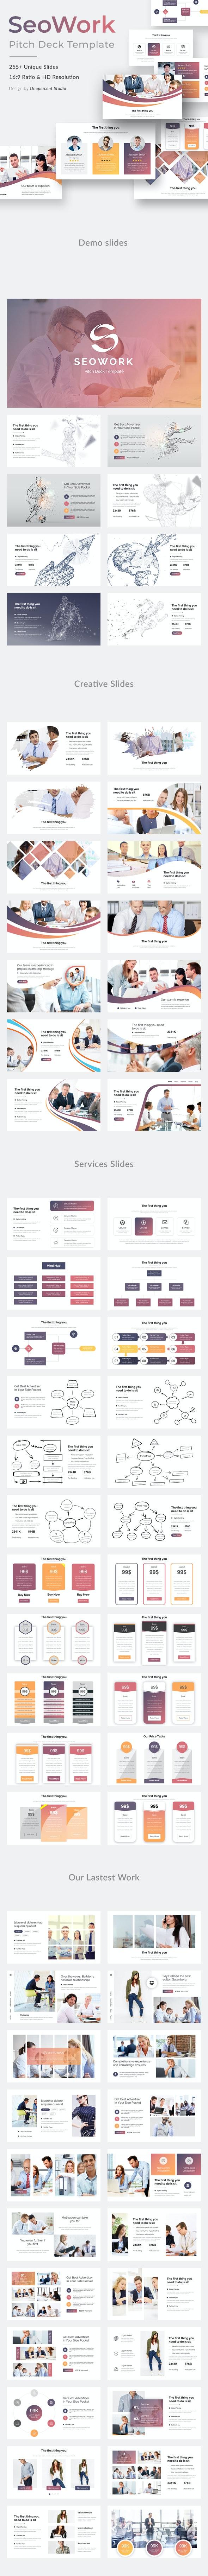 SeoWork Pitch Deck 2019 Google Slide Template - Google Slides Presentation Templates